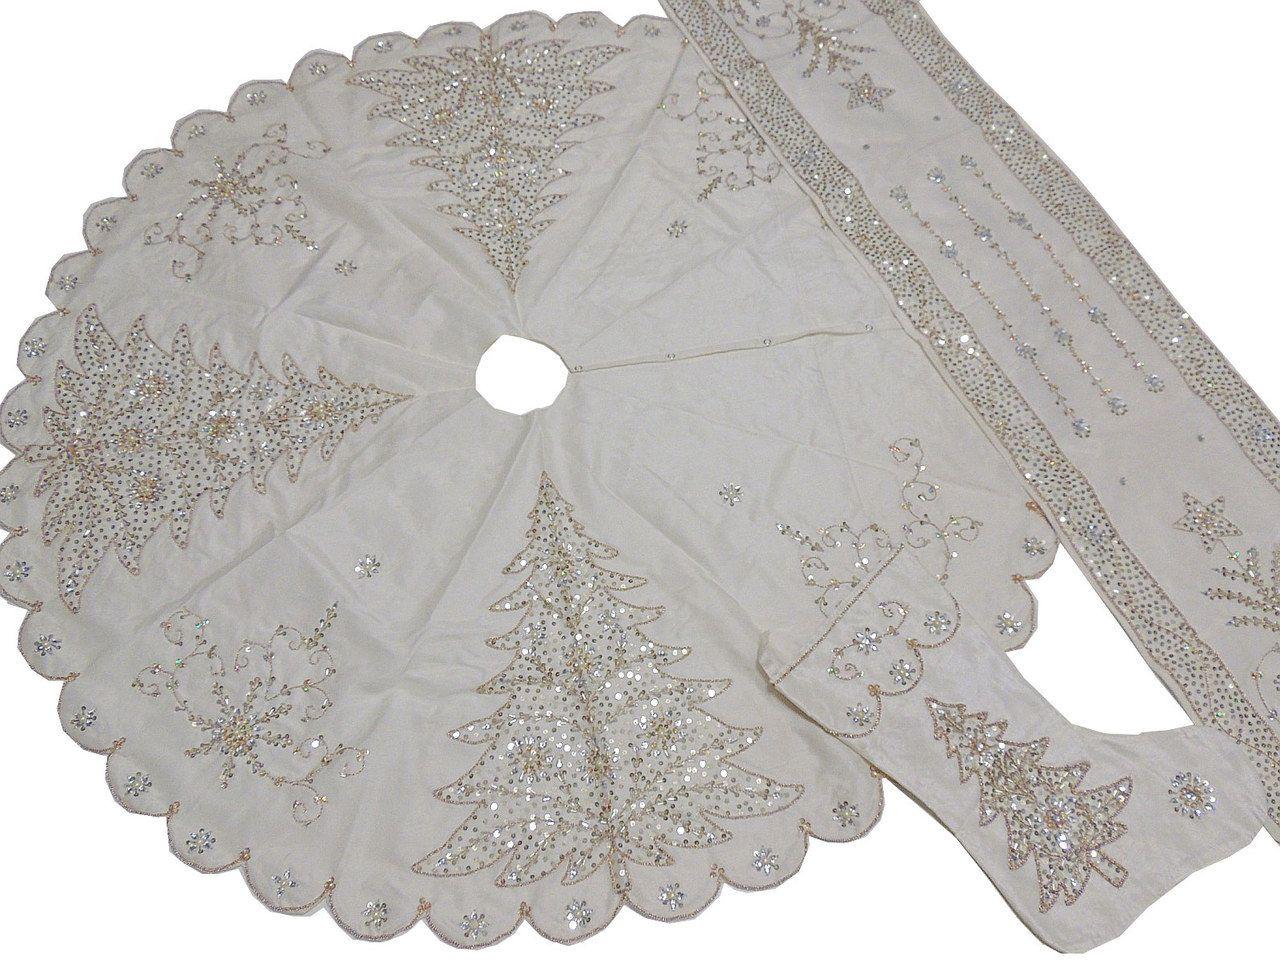 White Christmas Tree Skirt Stocking Runner Set - Novelty Beaded ...